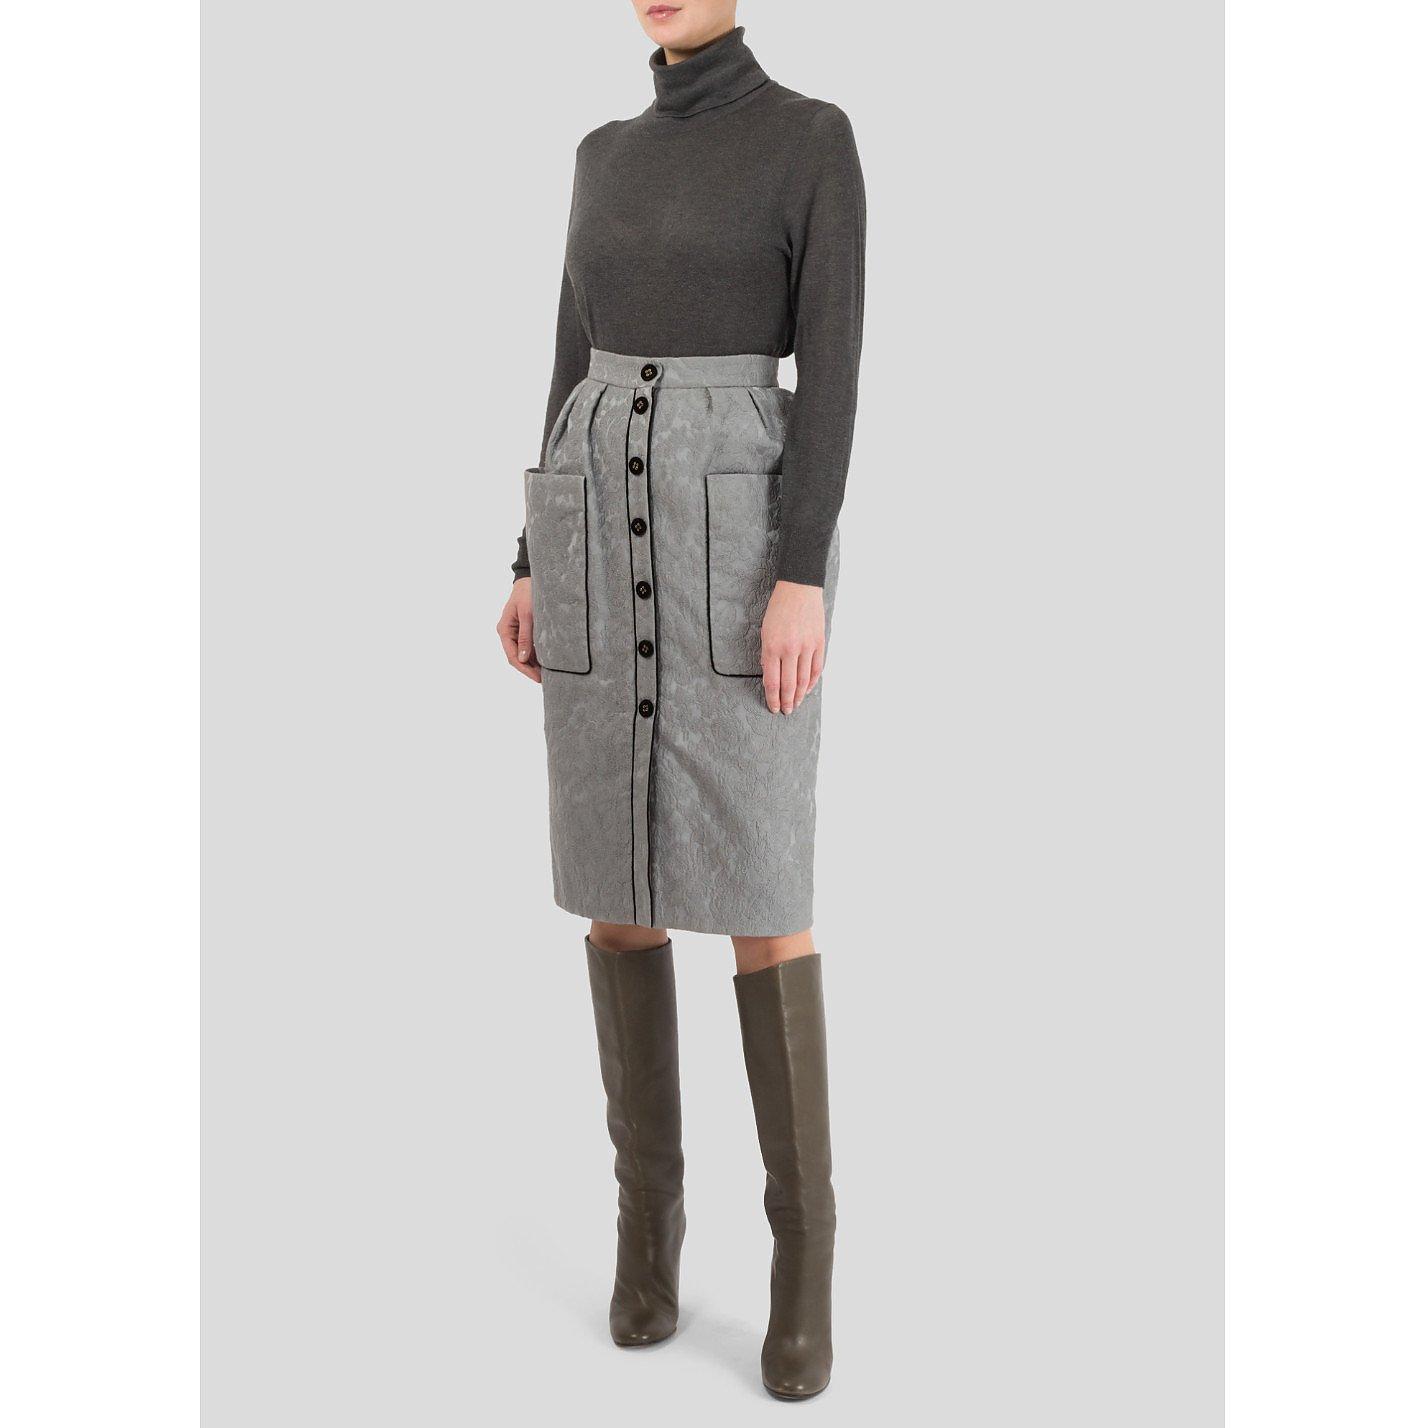 Ulyana Sergeenko Textured Button Detail Skirt